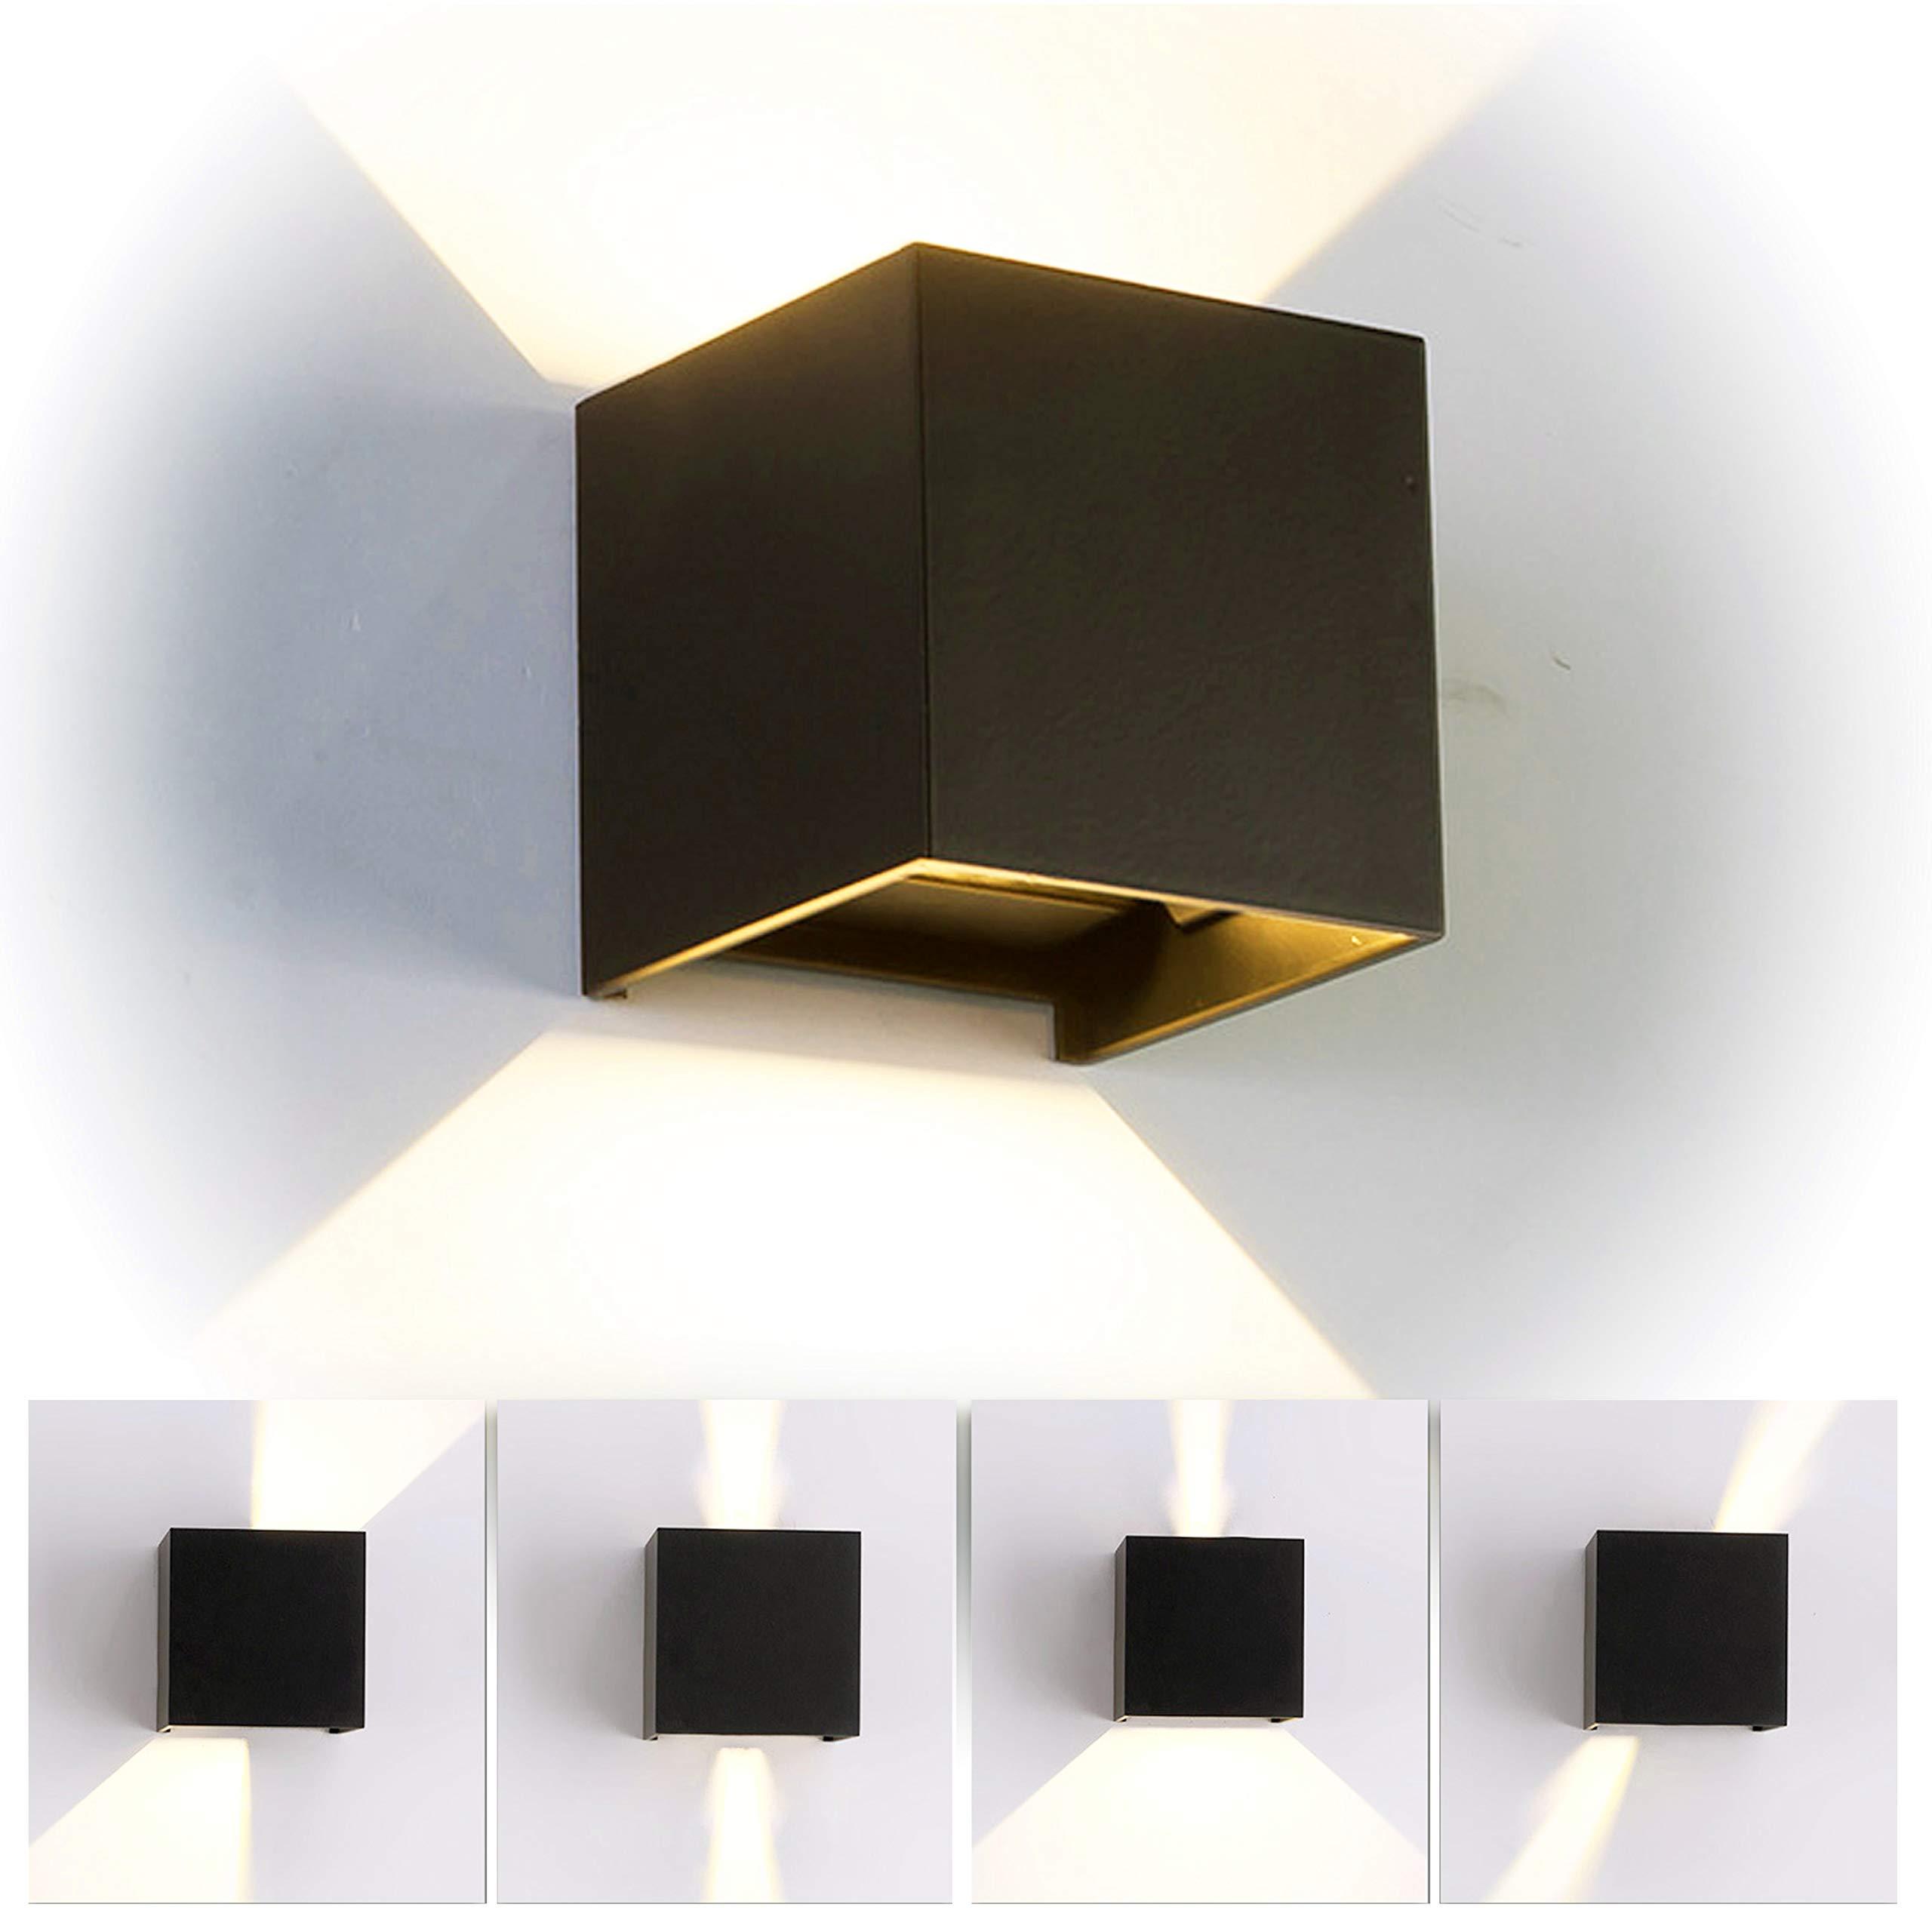 12w led applique murale chambre moderne exterieur interieur aluminium luminaires réglable lampe up and